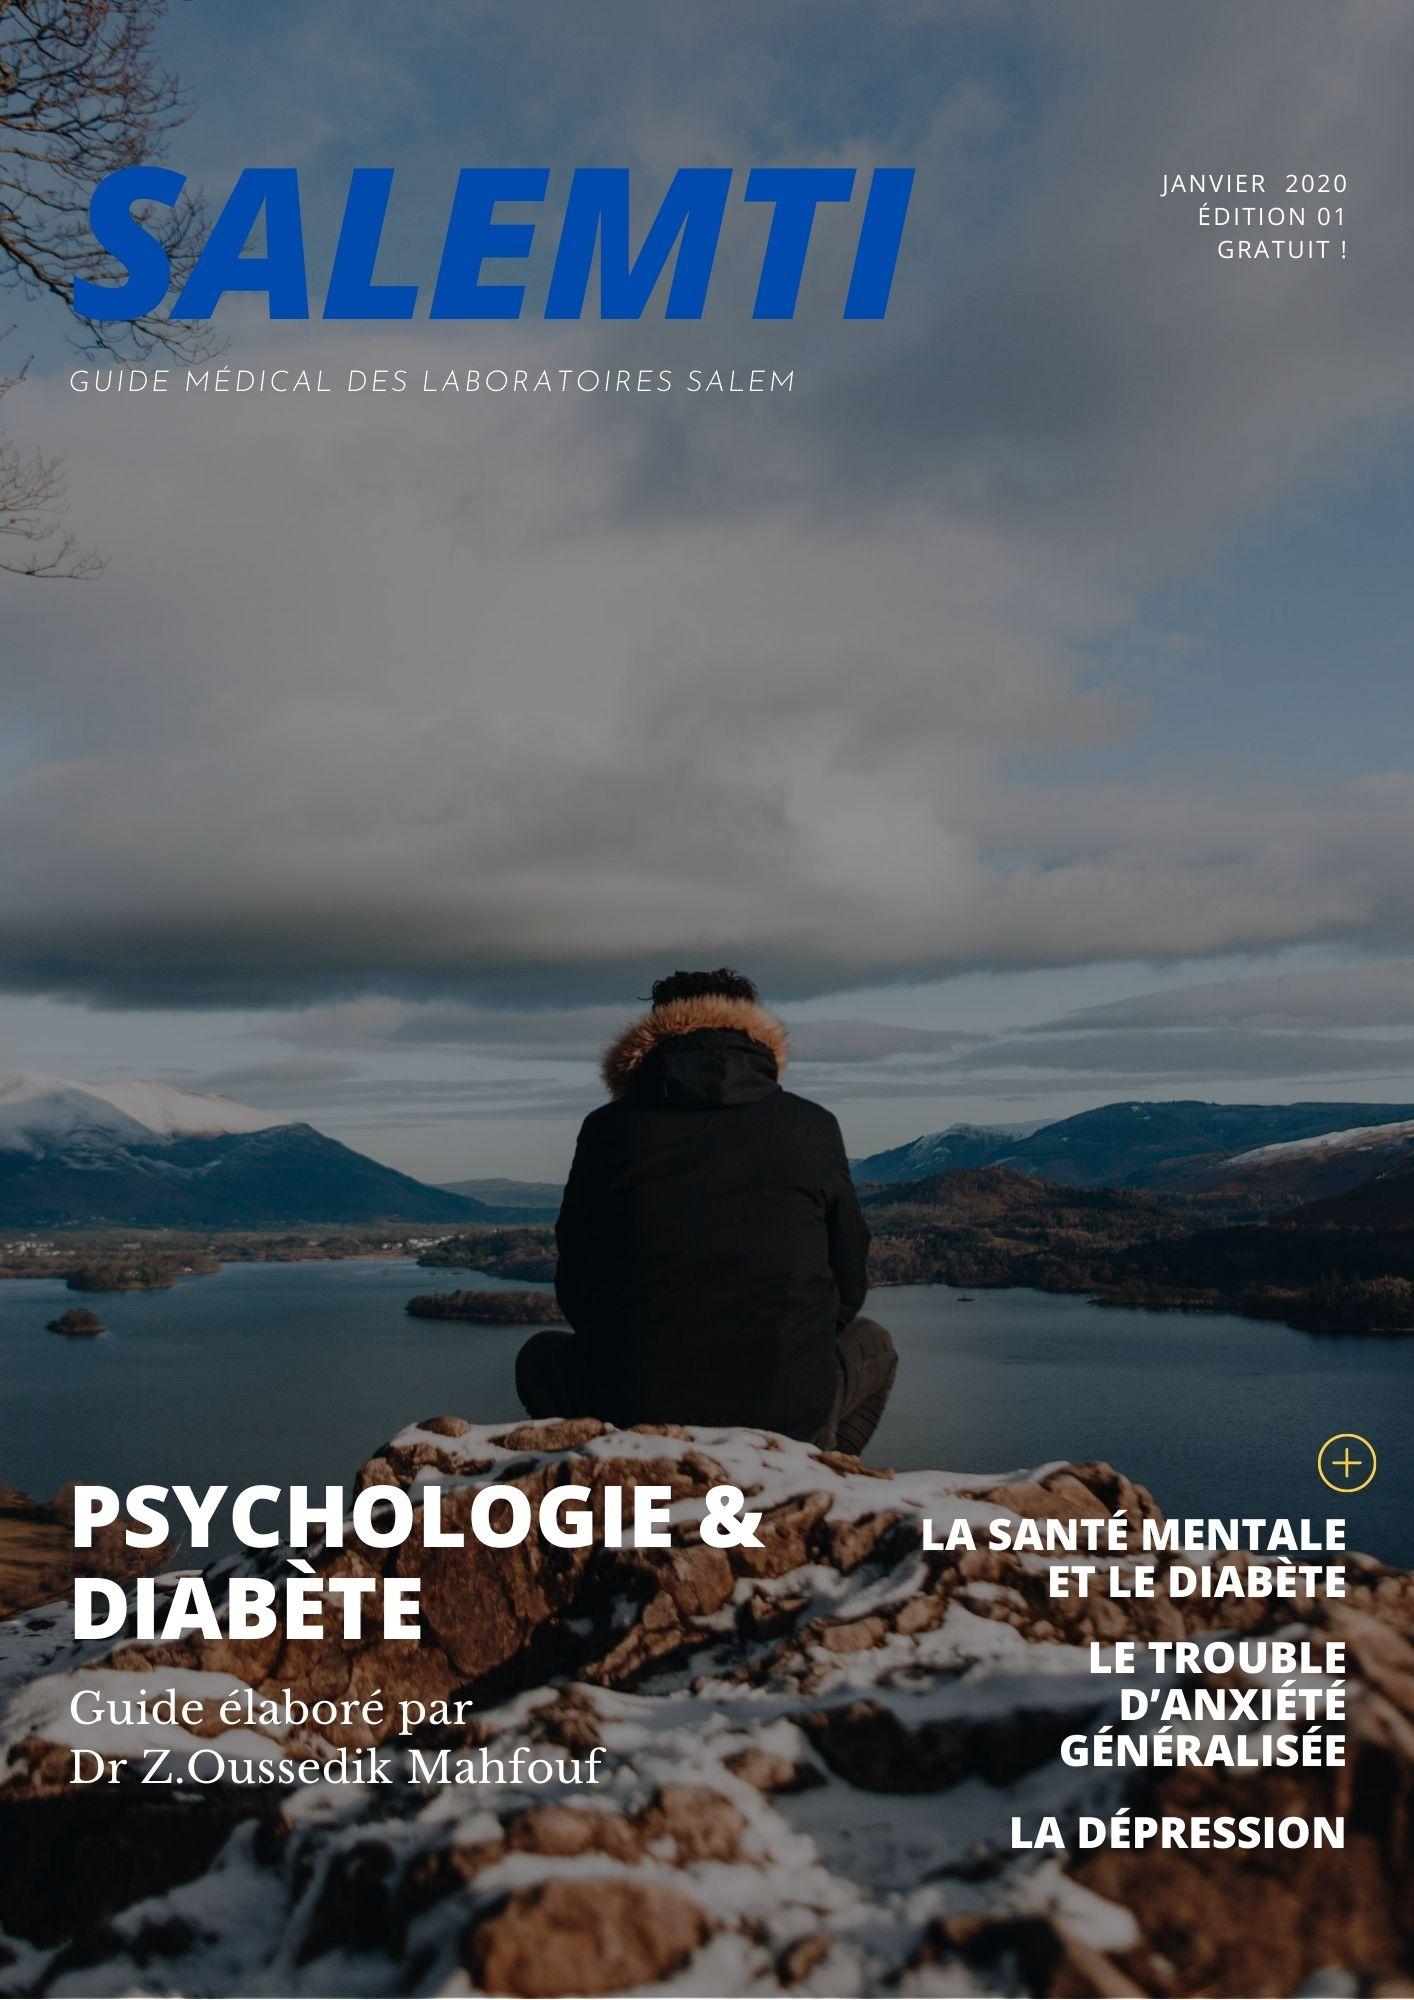 guide des laboratoires salem, salemti guide, guide diabète , guide diabete, guide psychologie, guide depression, guide anxiete, guide psychologie et diabete